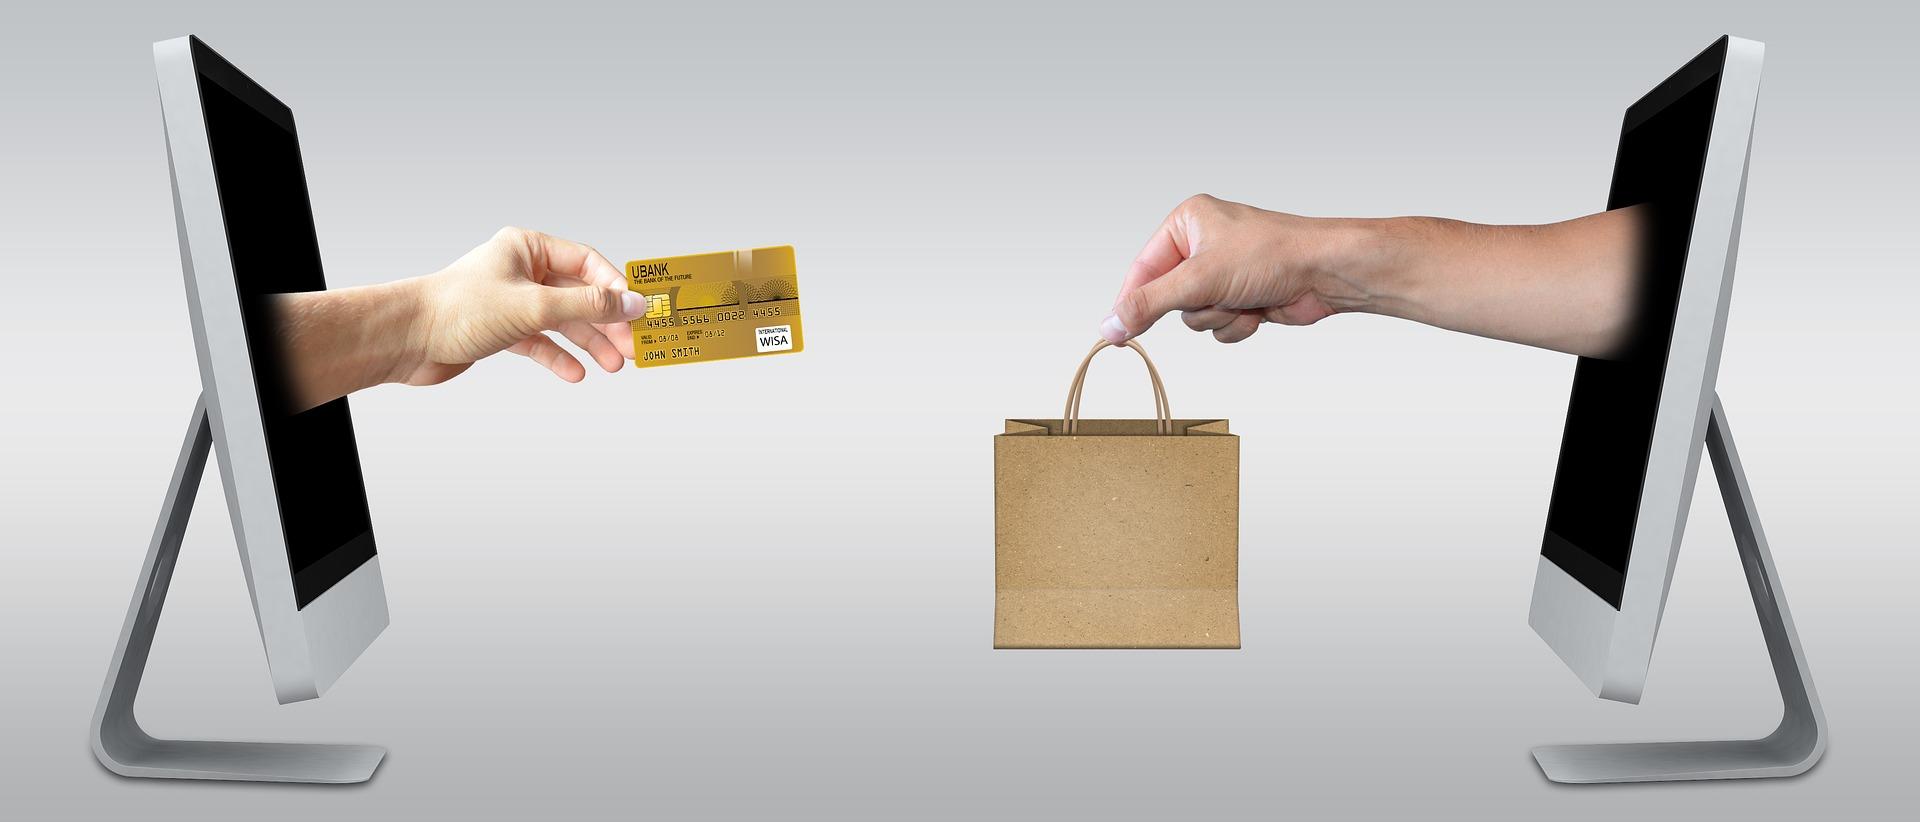 Firecom.nl, jouw webwinkel voor communicatiemiddelen!